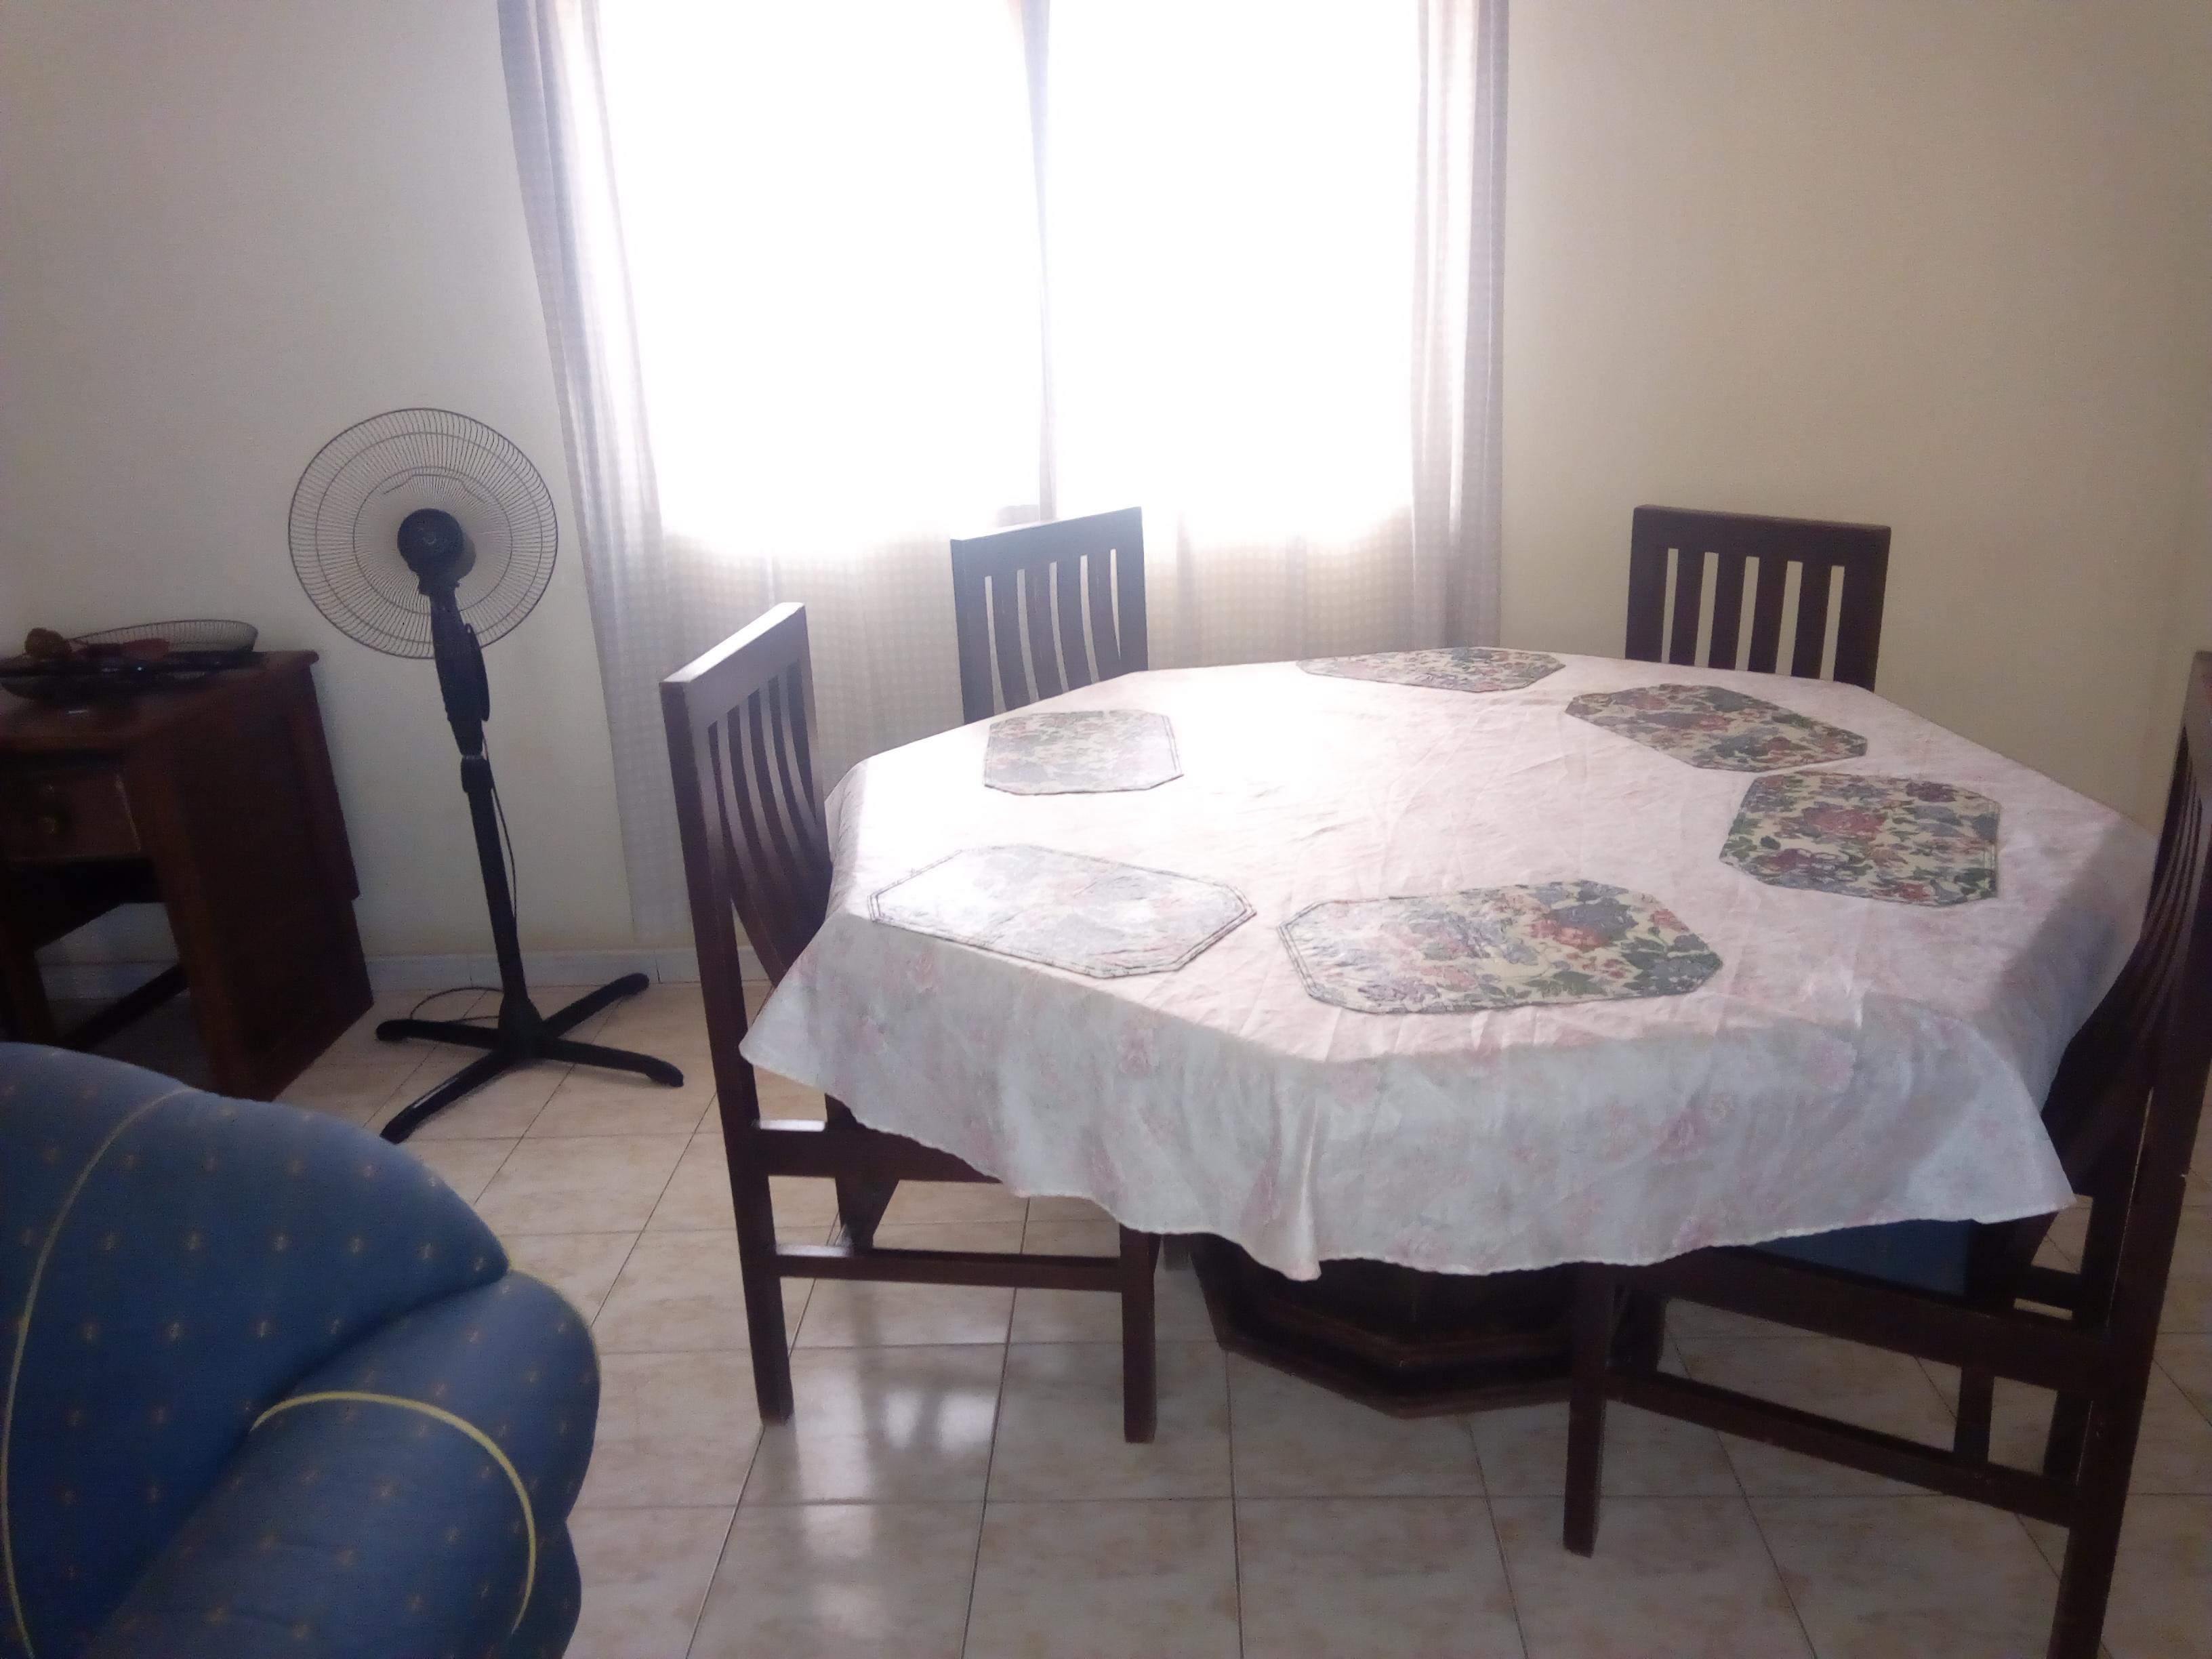 Chambre salon à louer , atikoumé                         (Atikoumé feu rouge)                     , Lome : 200 000 FCFA/mois